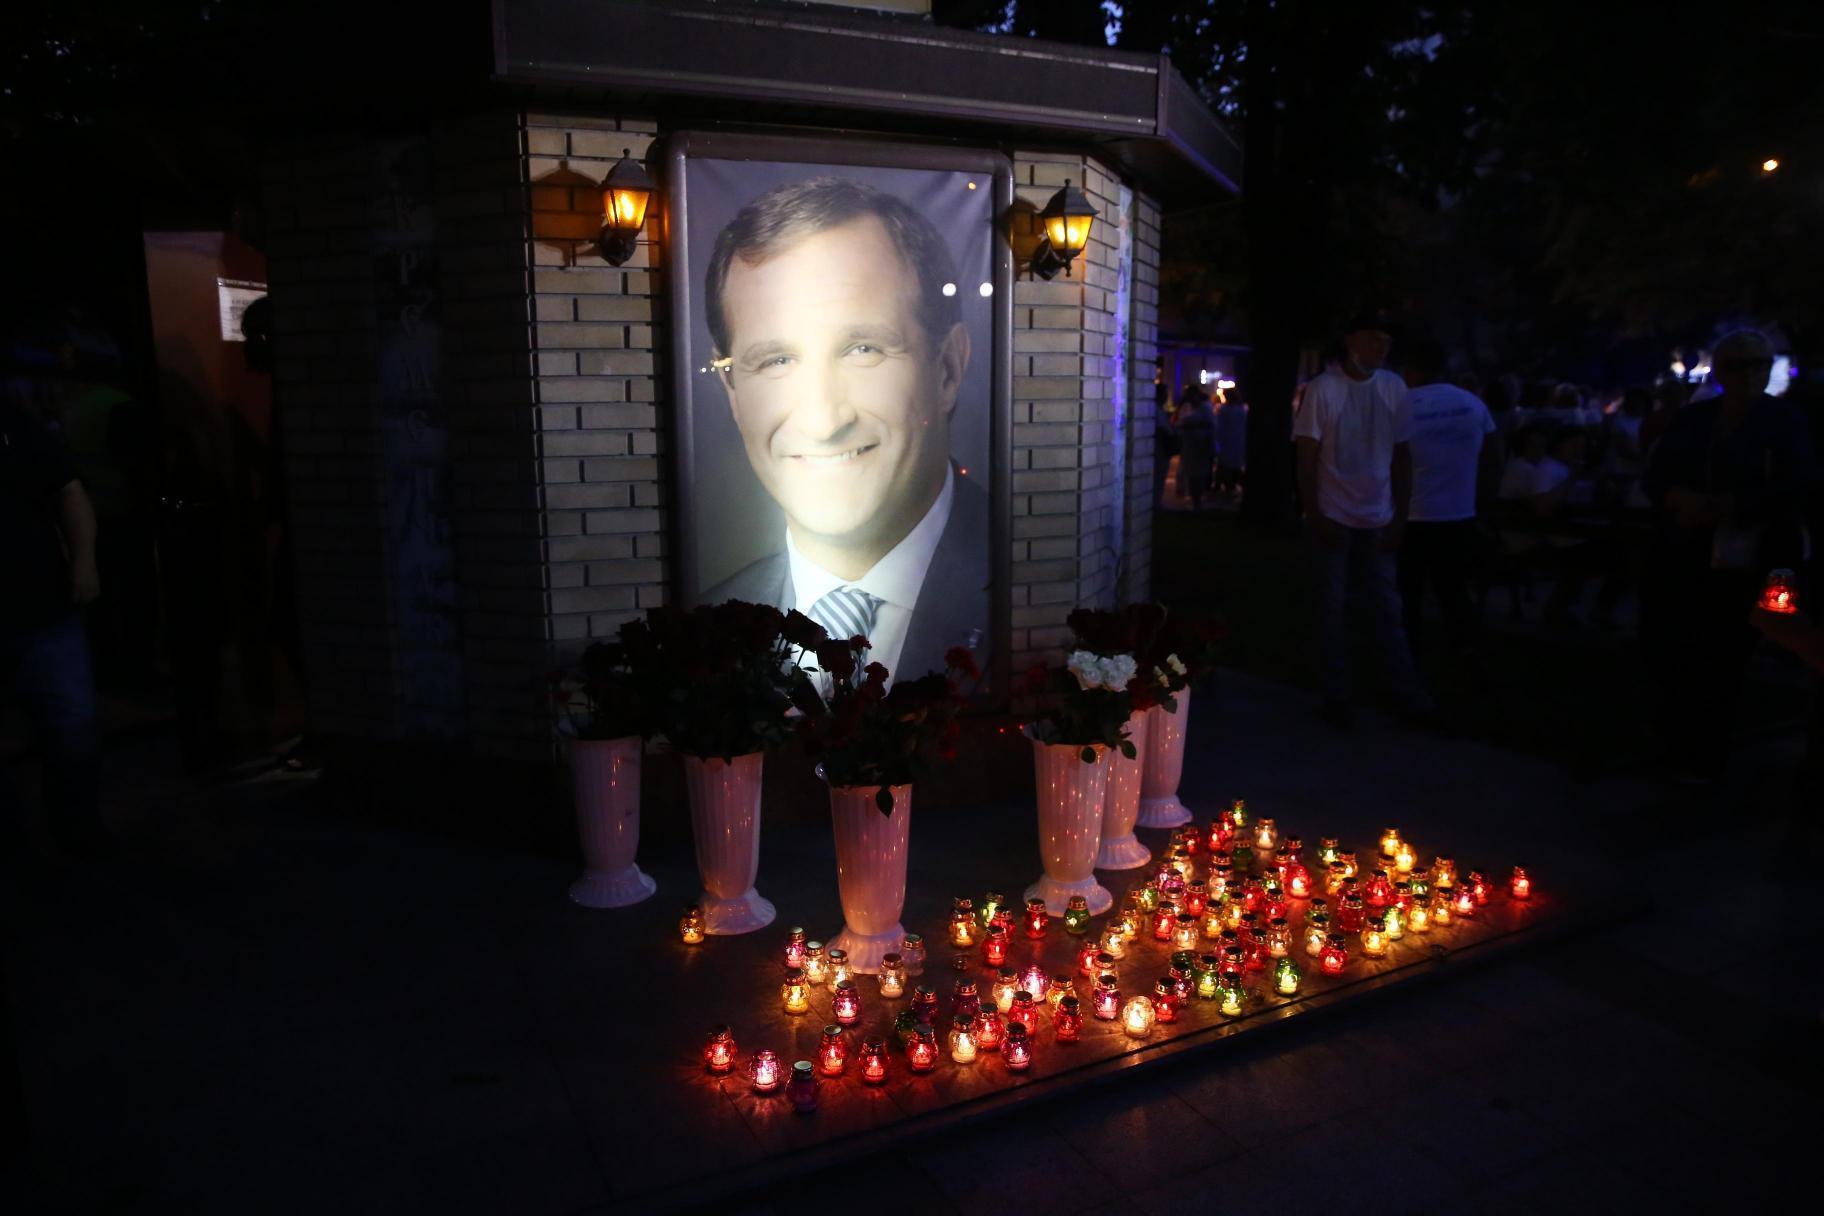 26 июля 2014 в Кременчуге убили мэра Олега Бабаева